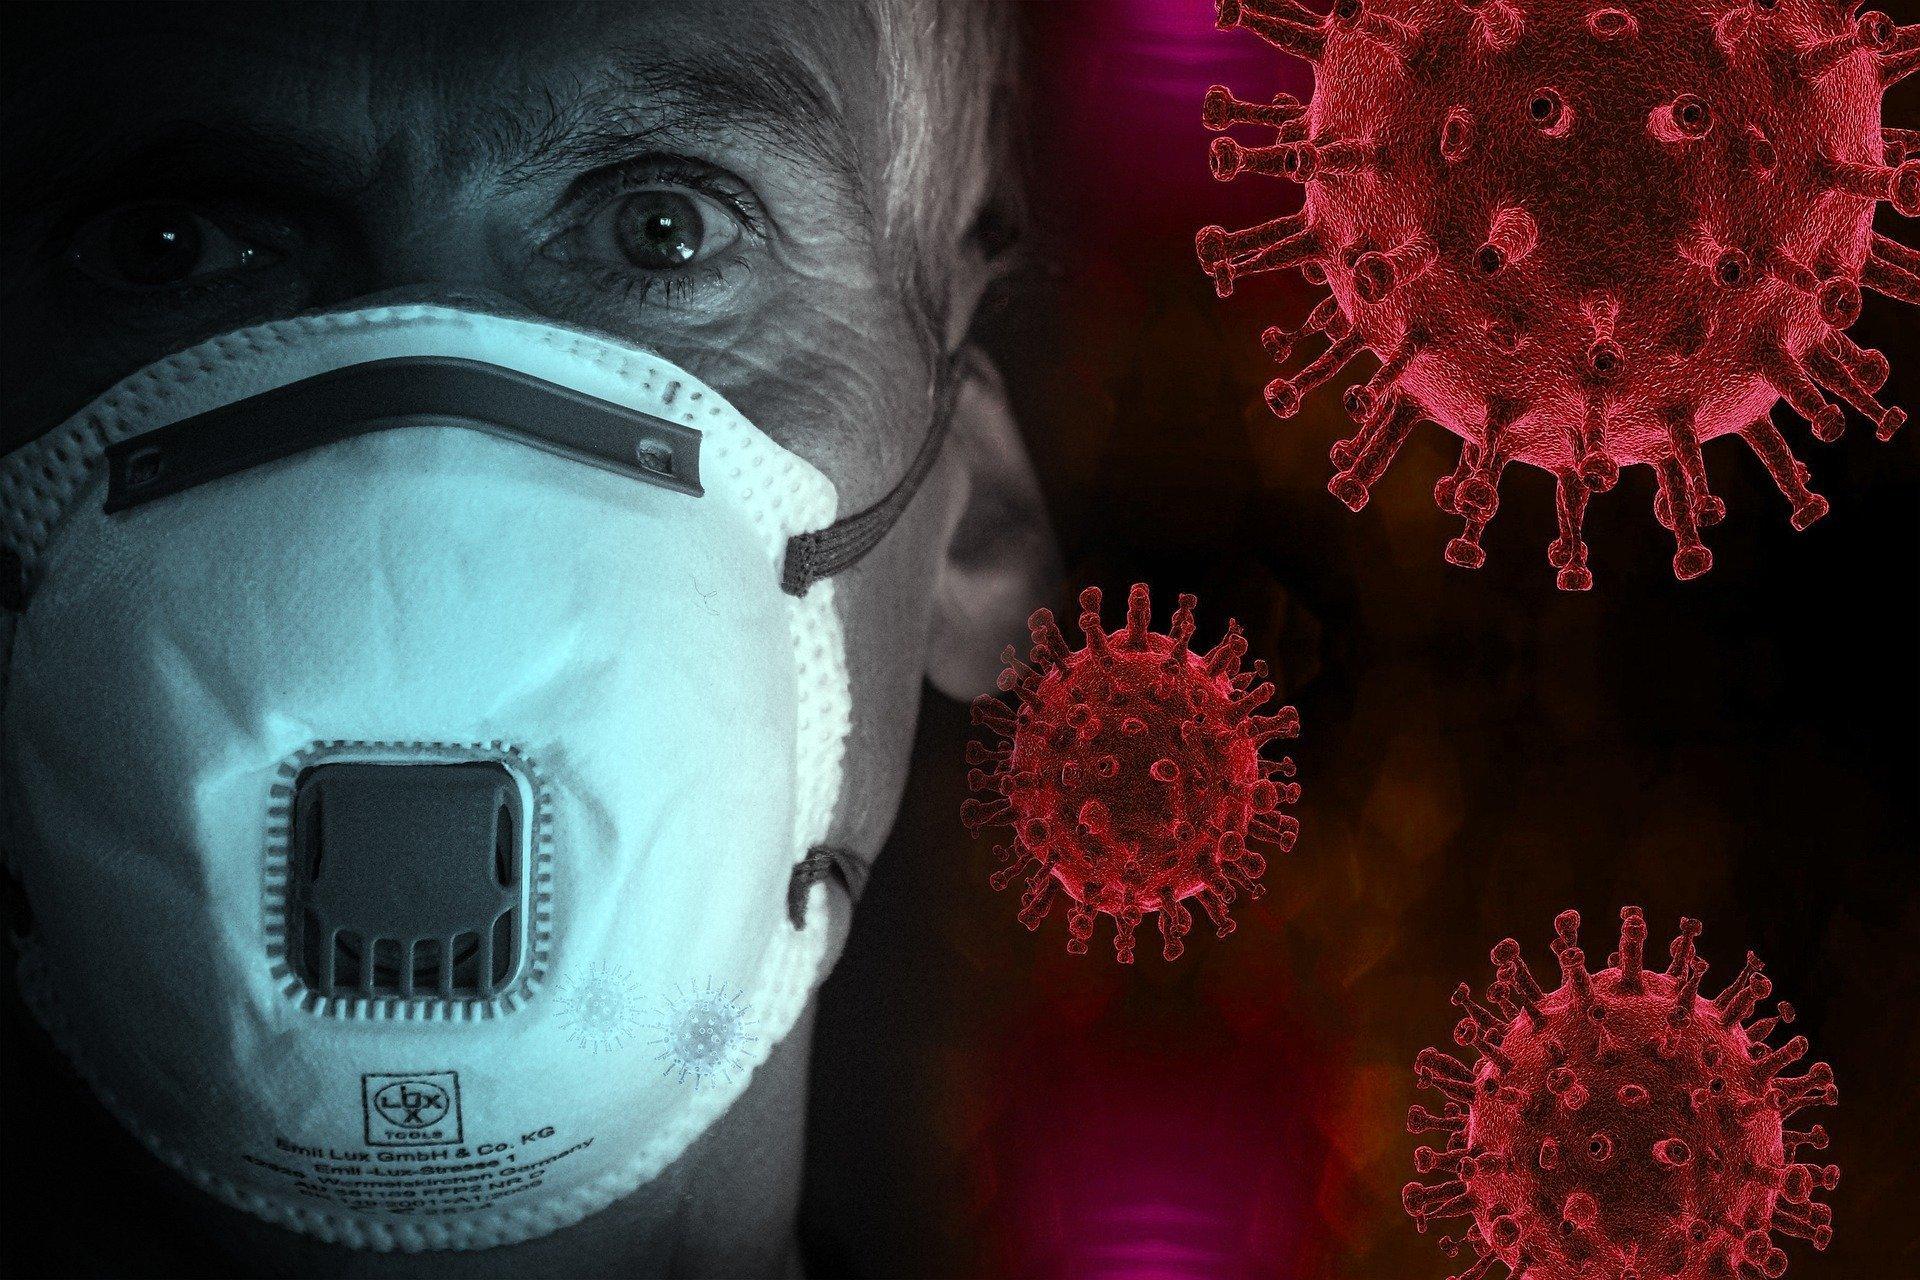 СМИ Австрии: Исландия выяснила, почему коронавирус так быстро распространяется